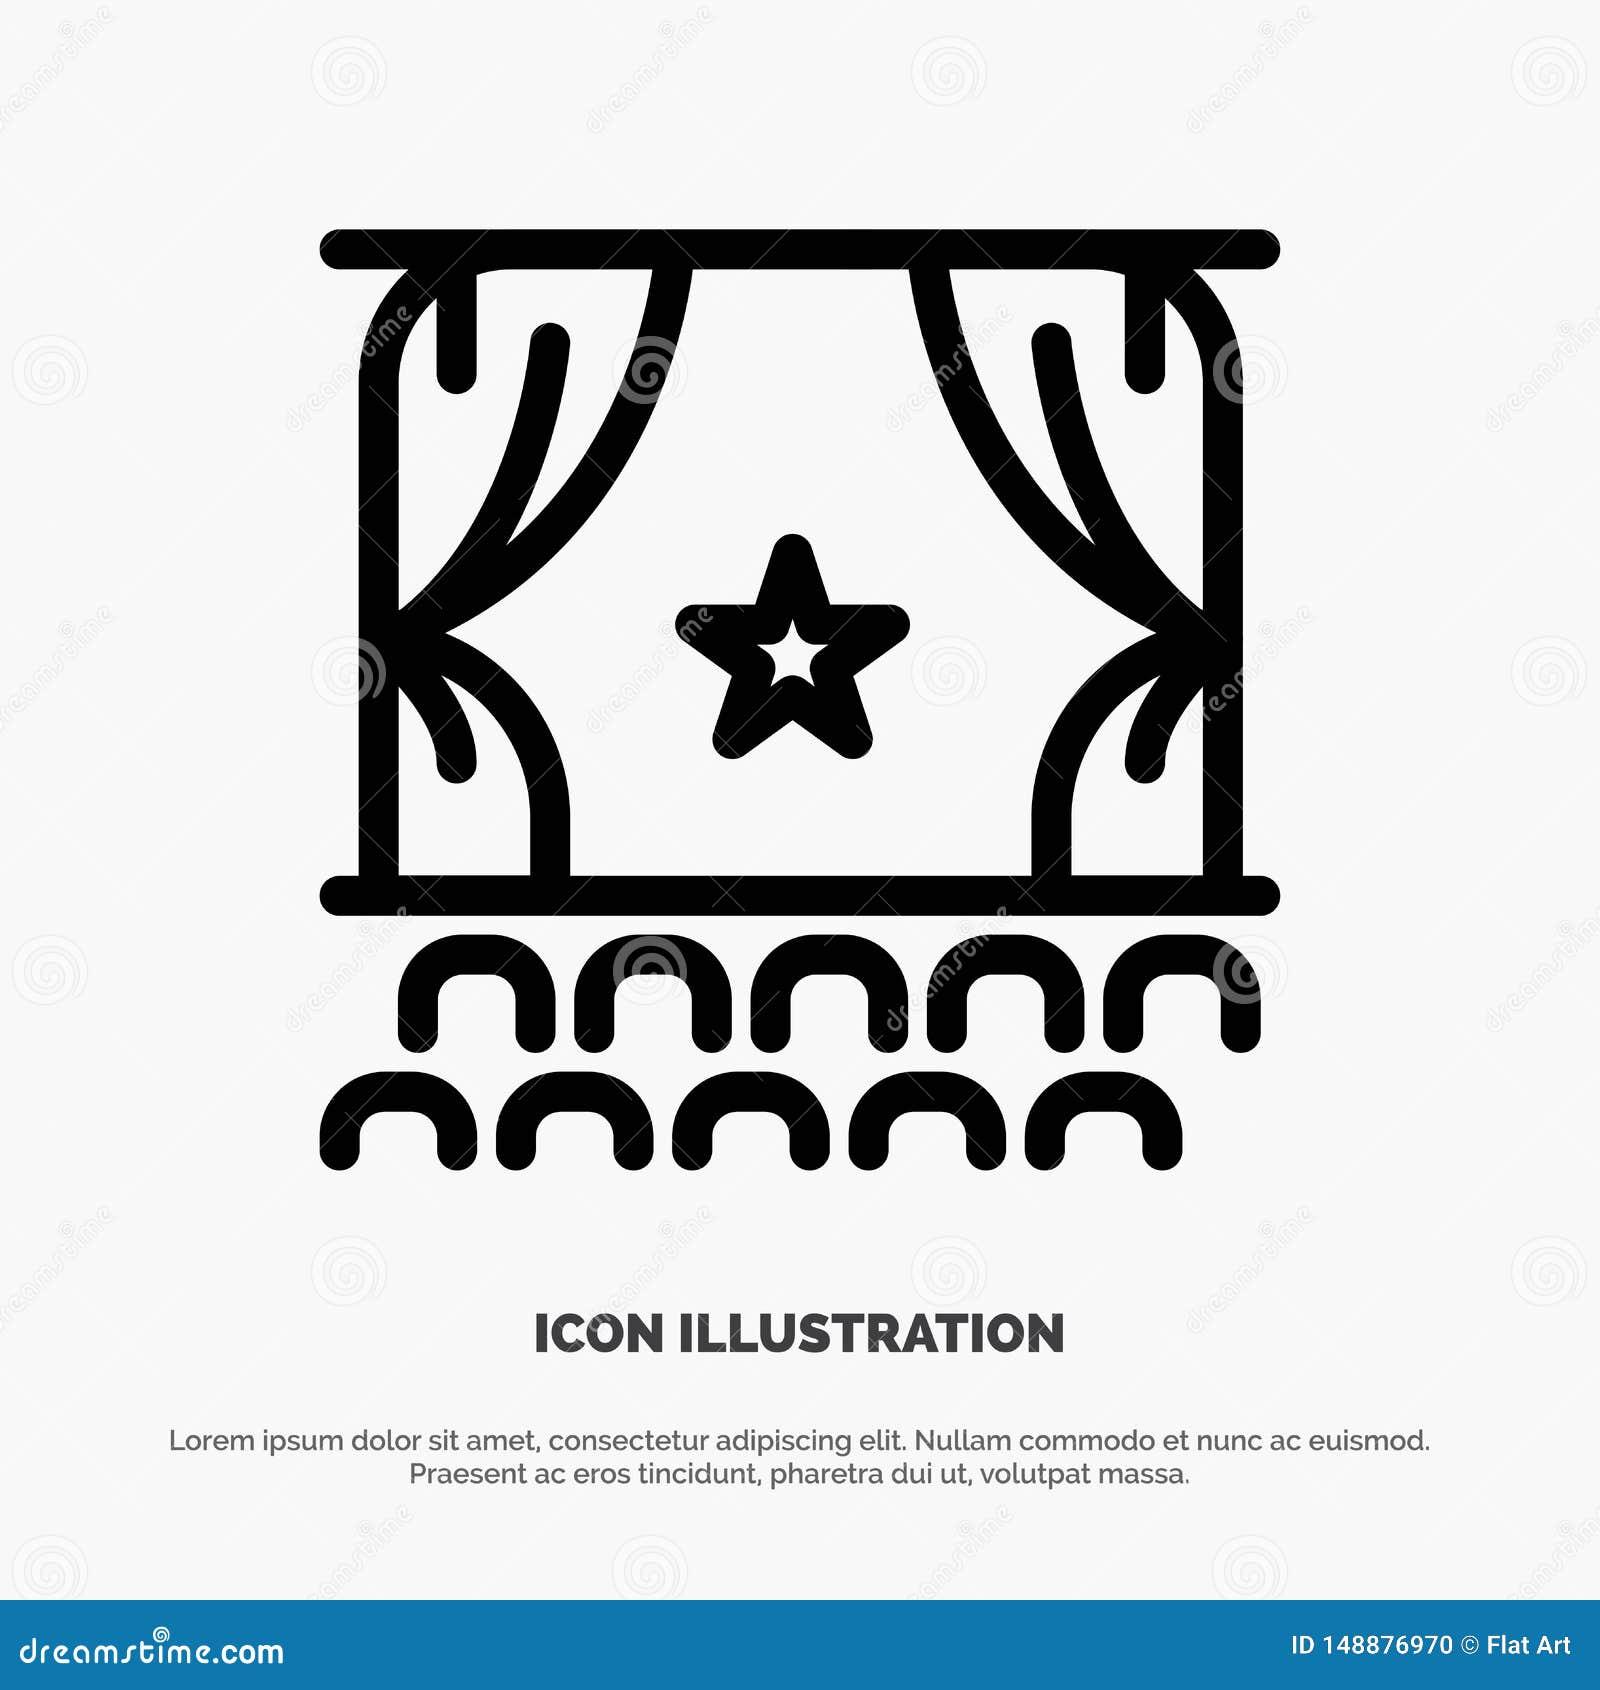 Cine, principio, película, funcionamiento, línea vector de la premier del icono